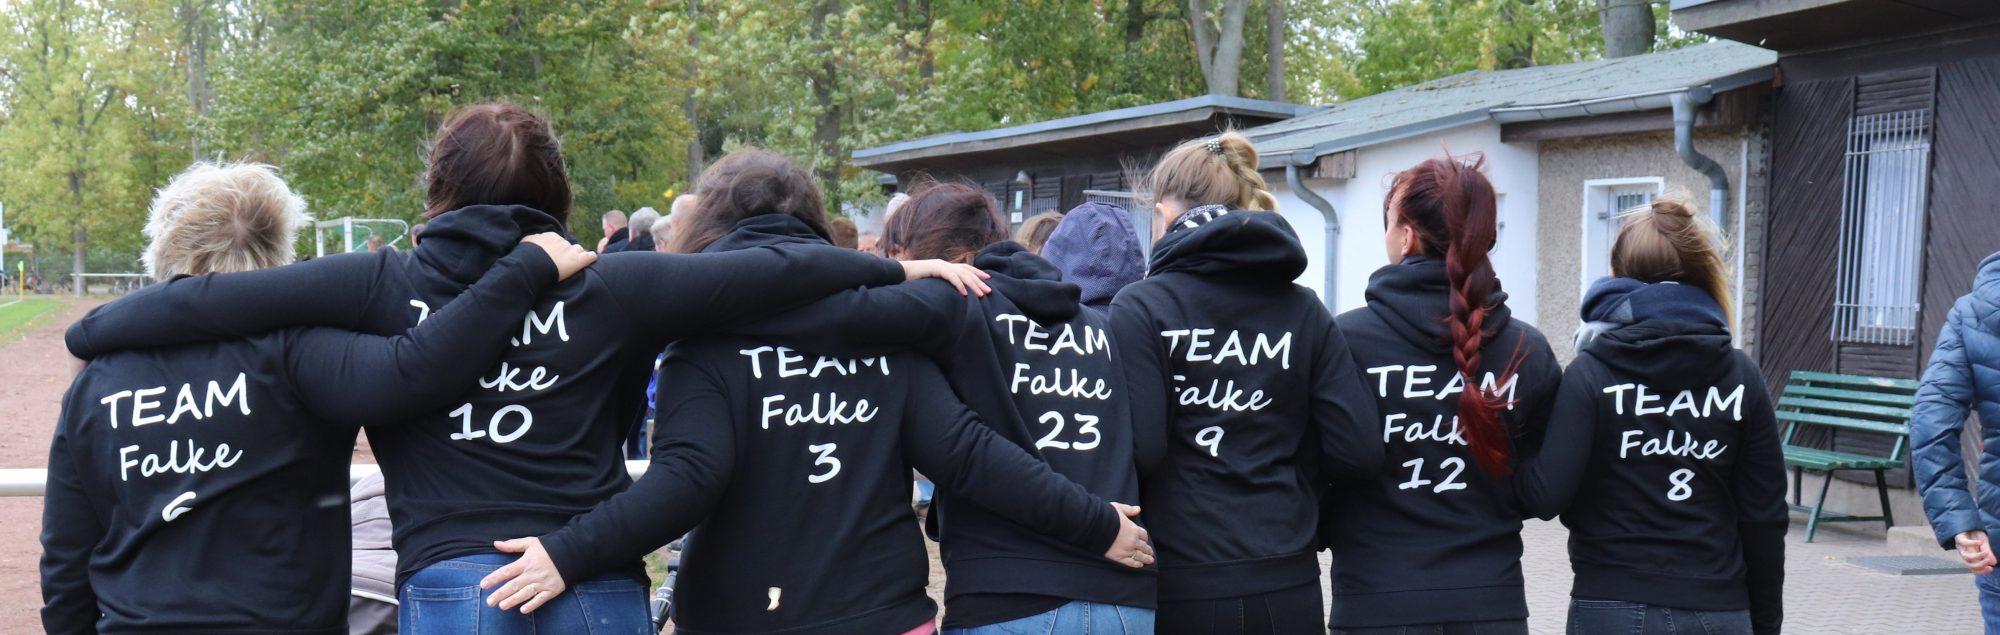 Foto Team Falke